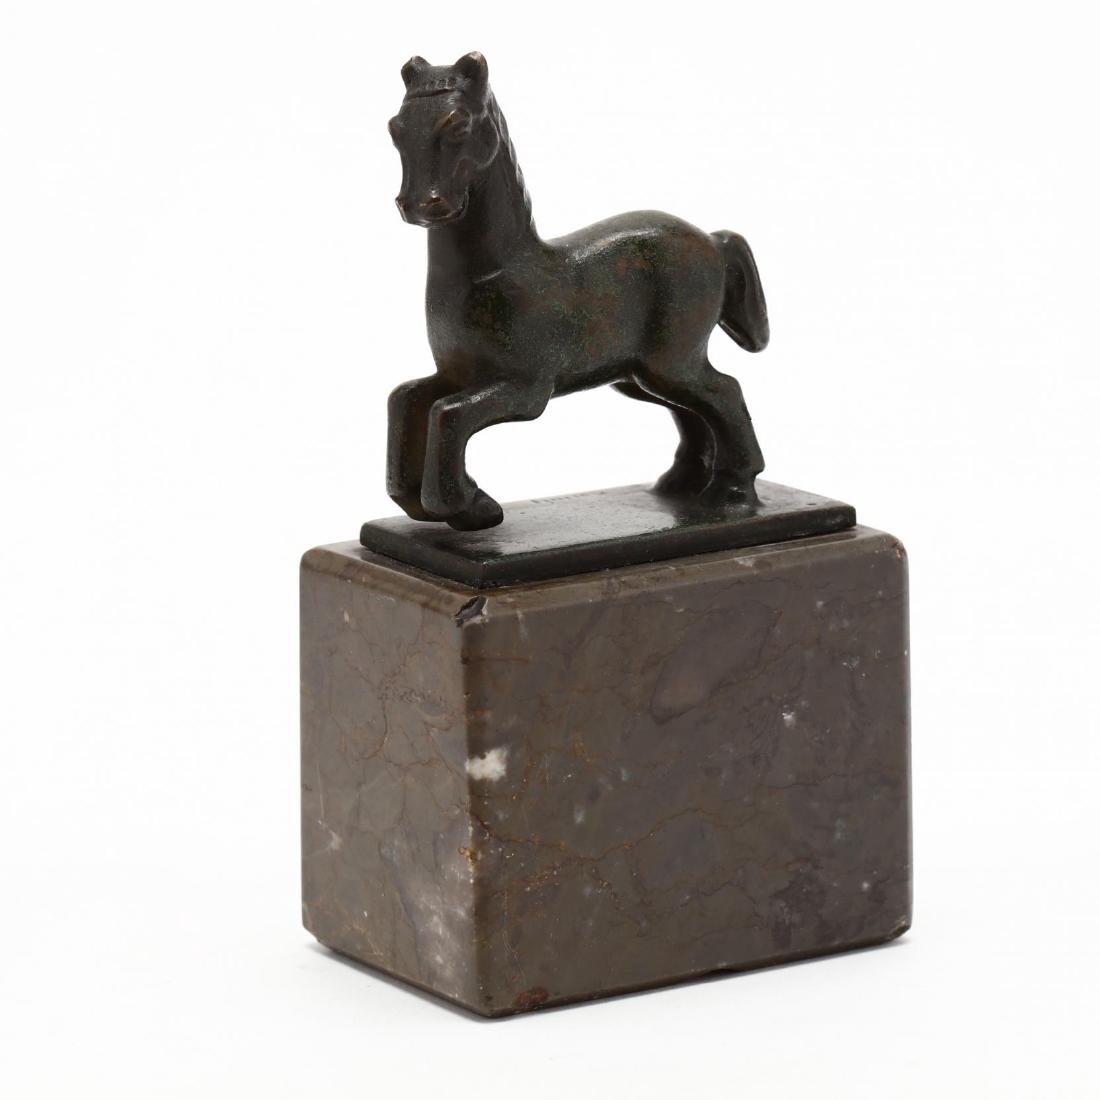 Fred Kormis (German/British, 1894-1986), Diminutive Art